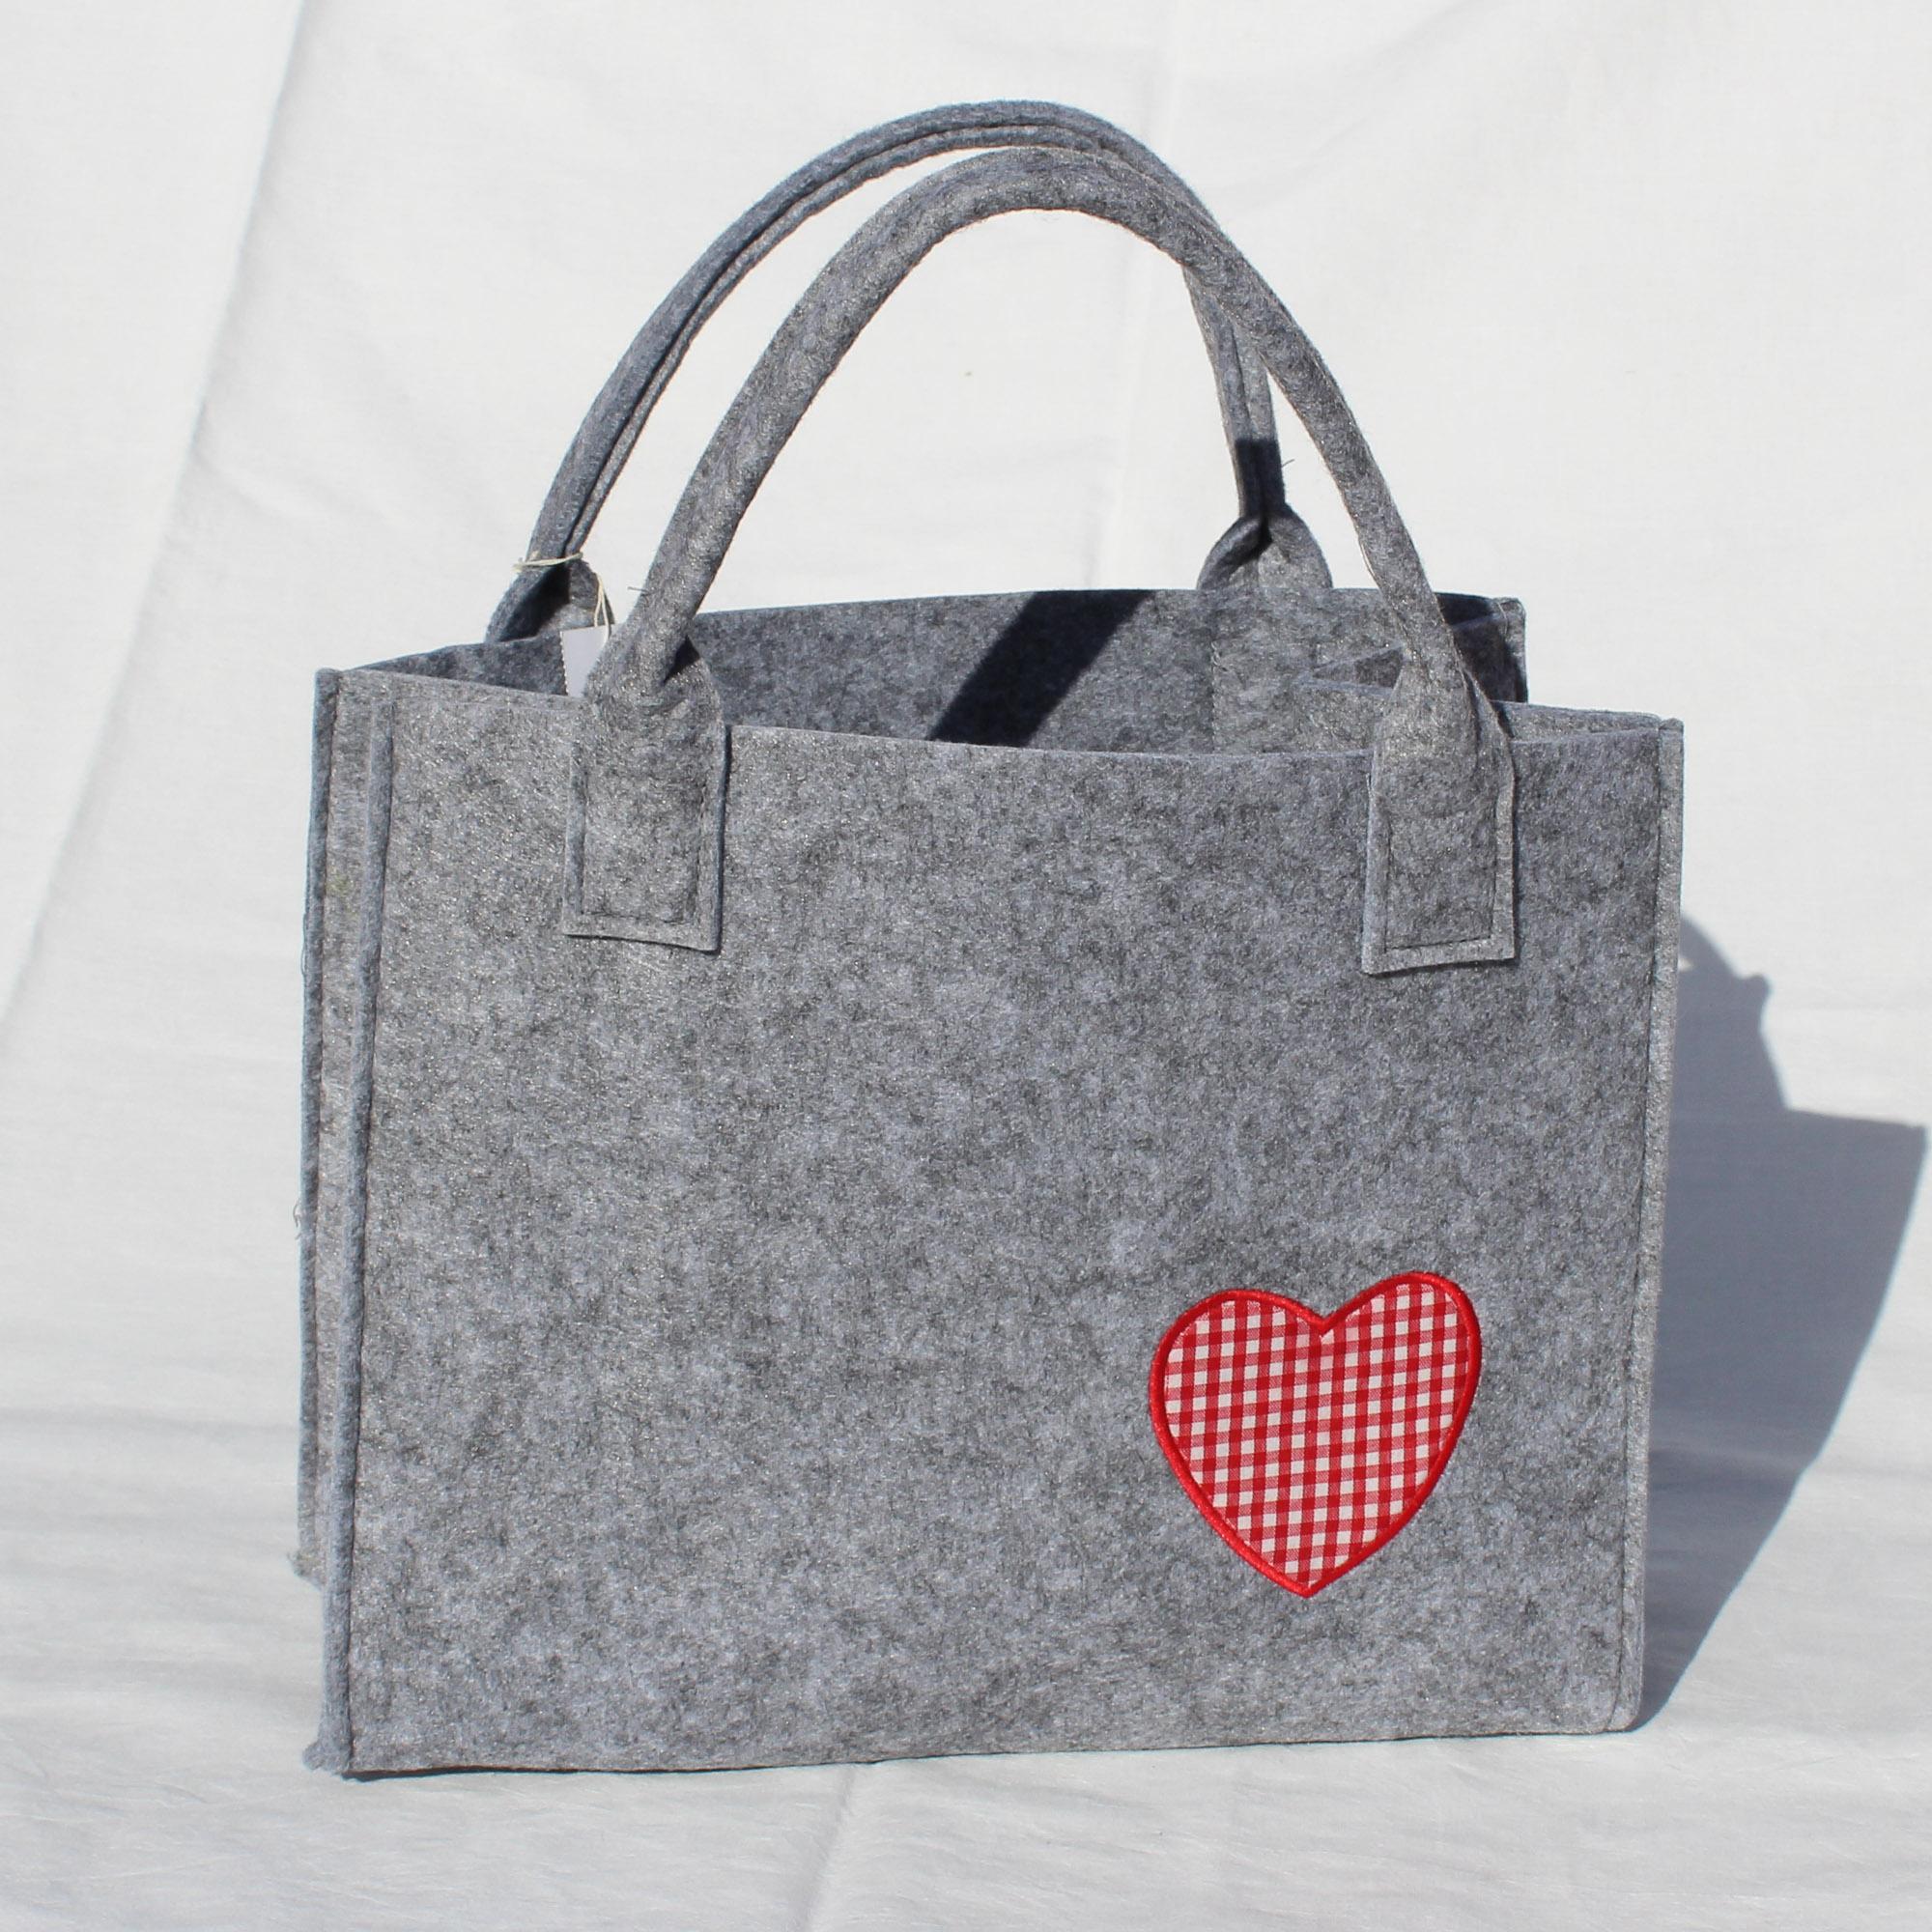 790e7a6259f40 Filz-Tasche hellgrau mit einem rot-weißen Herz - Gehrke GmbH